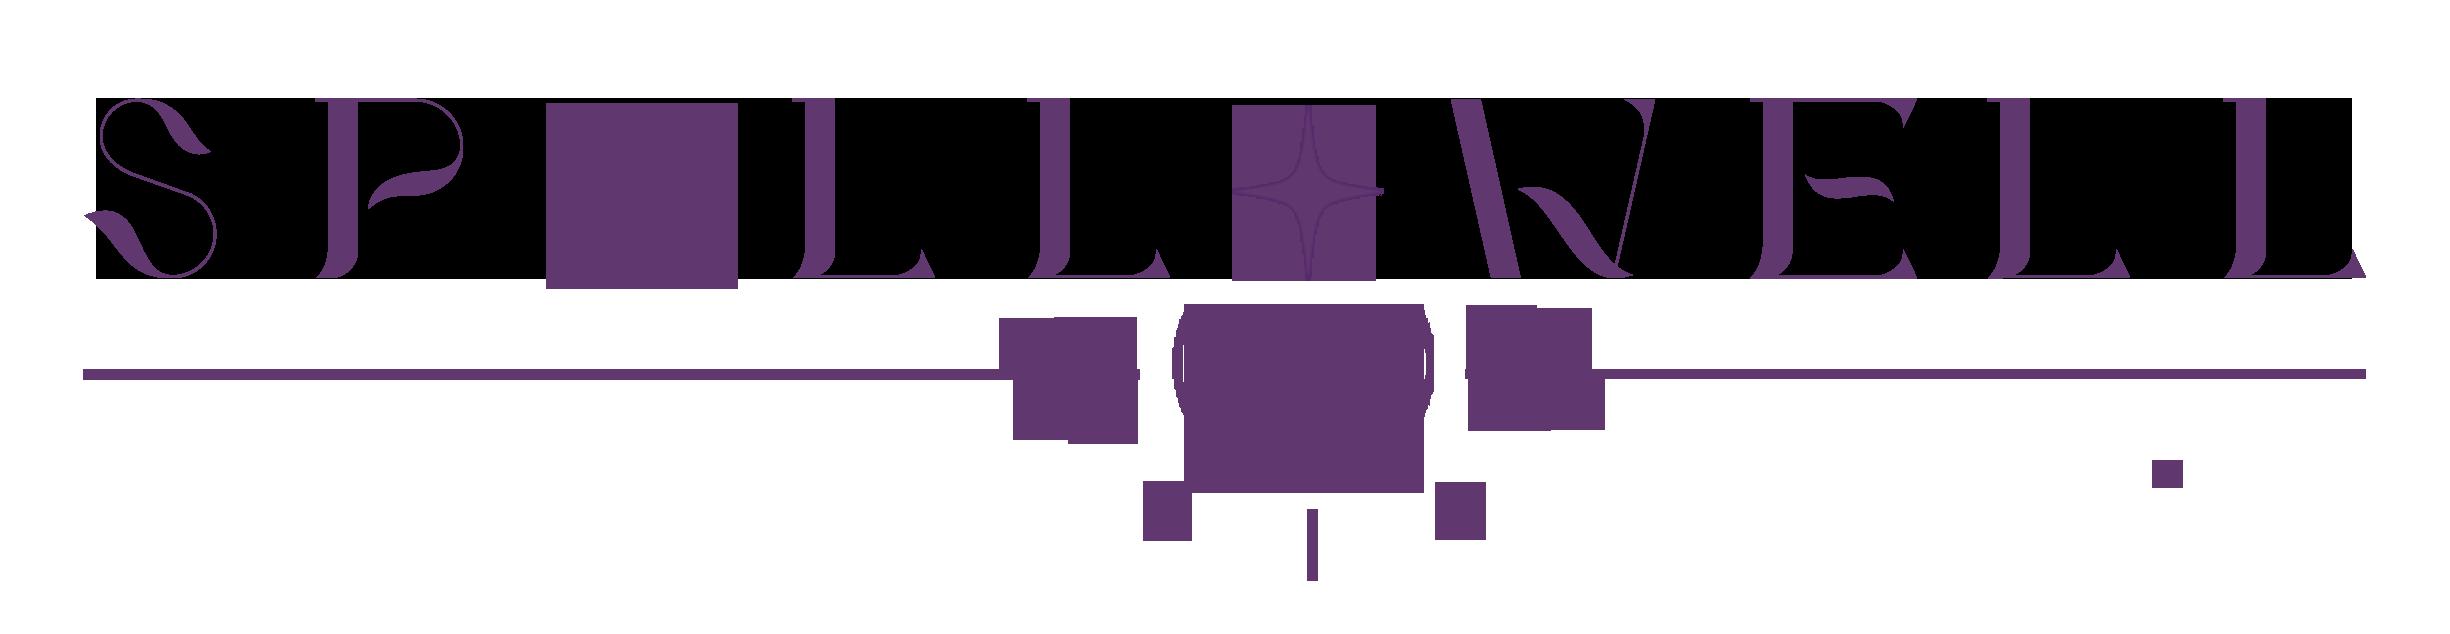 Spell Well Logo Design